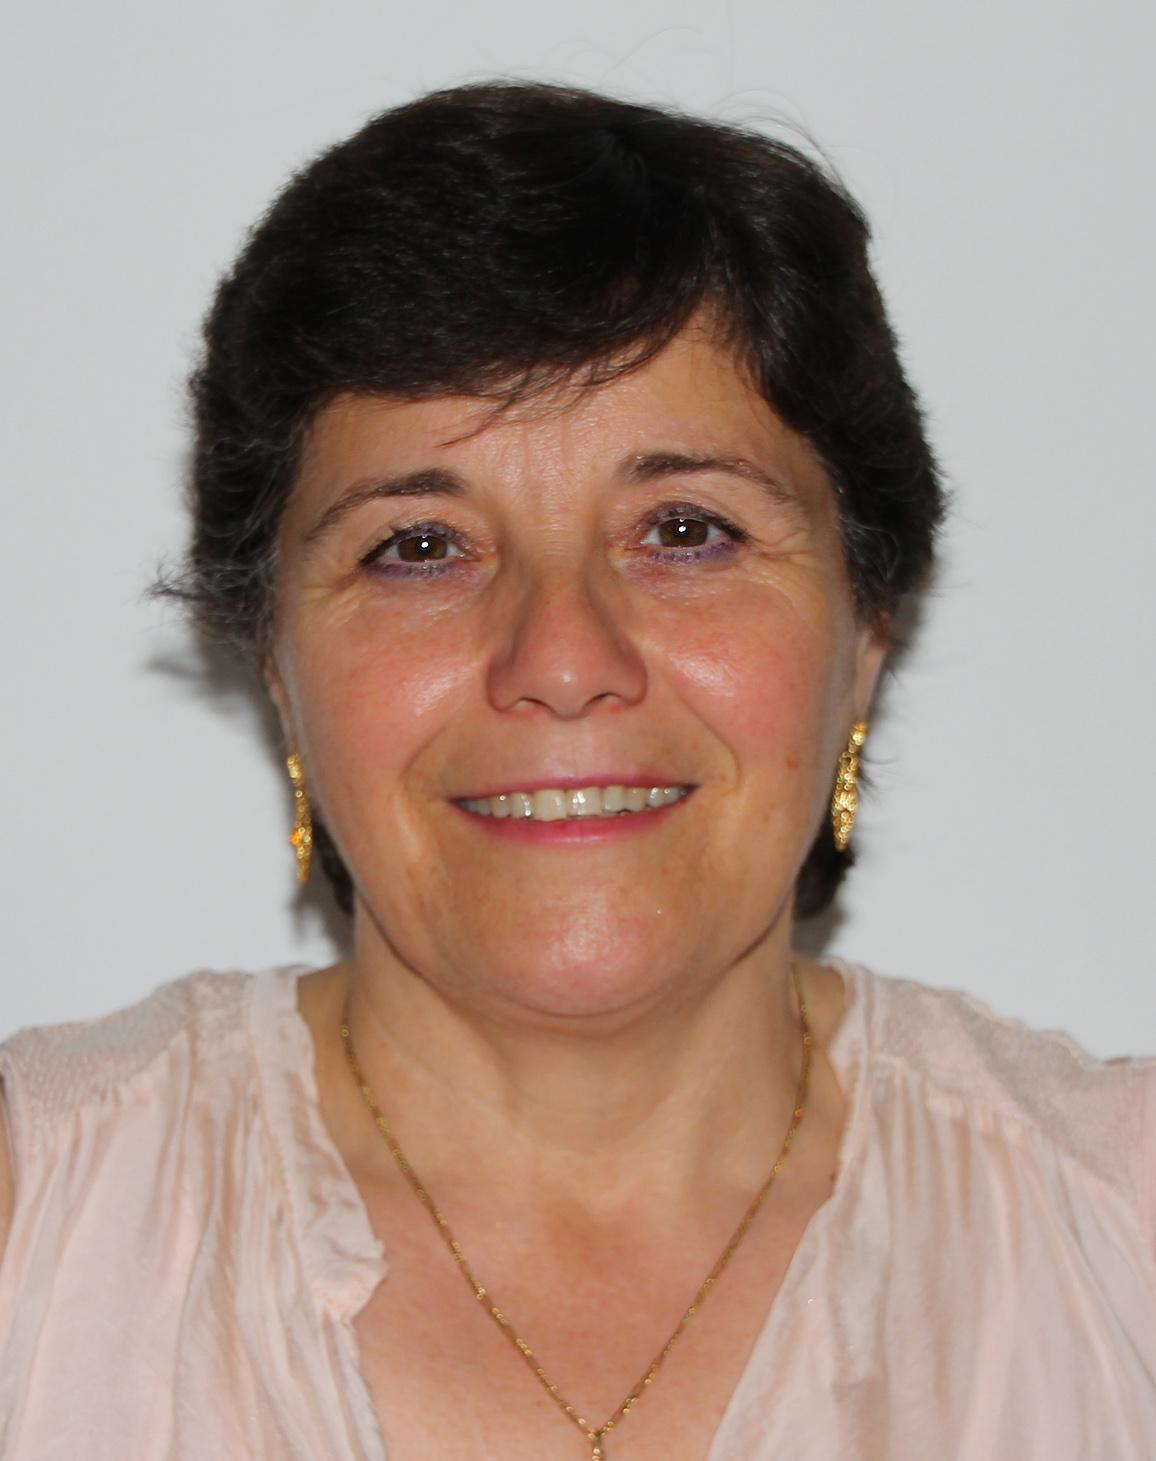 Mª Fe García Ropero